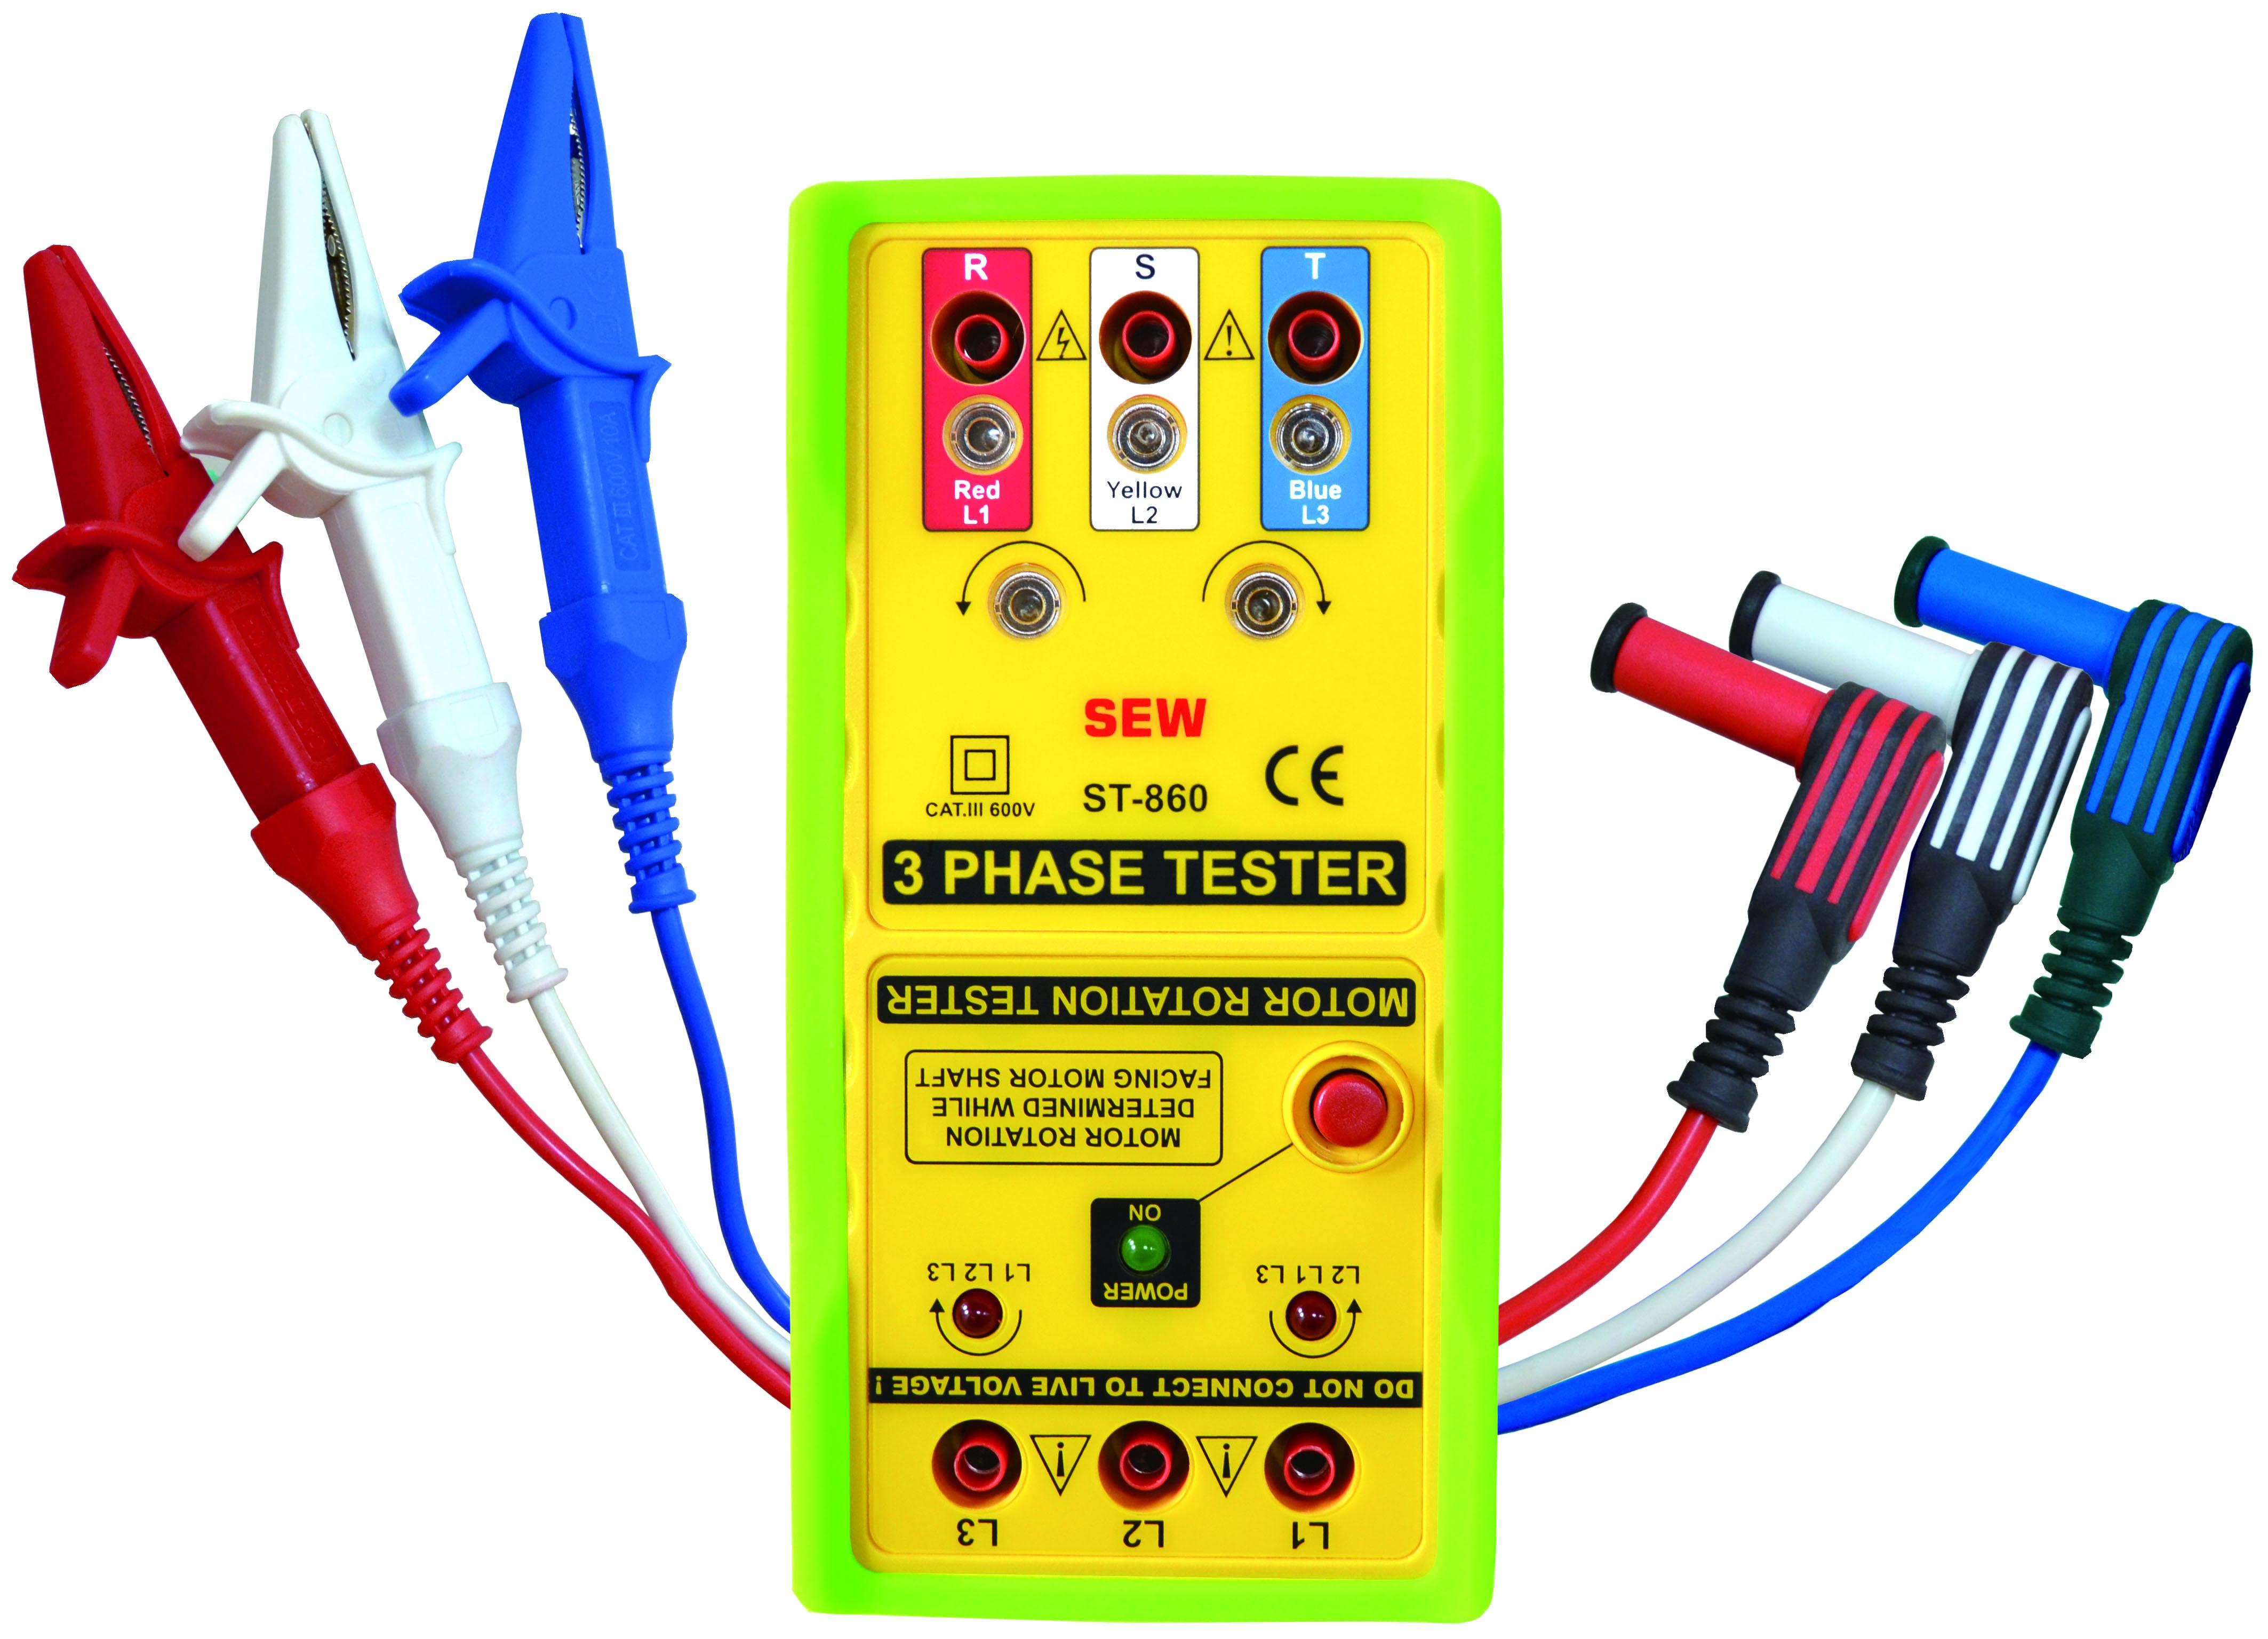 ST-860 ST-860 3 Phase Tester & Motor Rotation Tester CATIII 600V